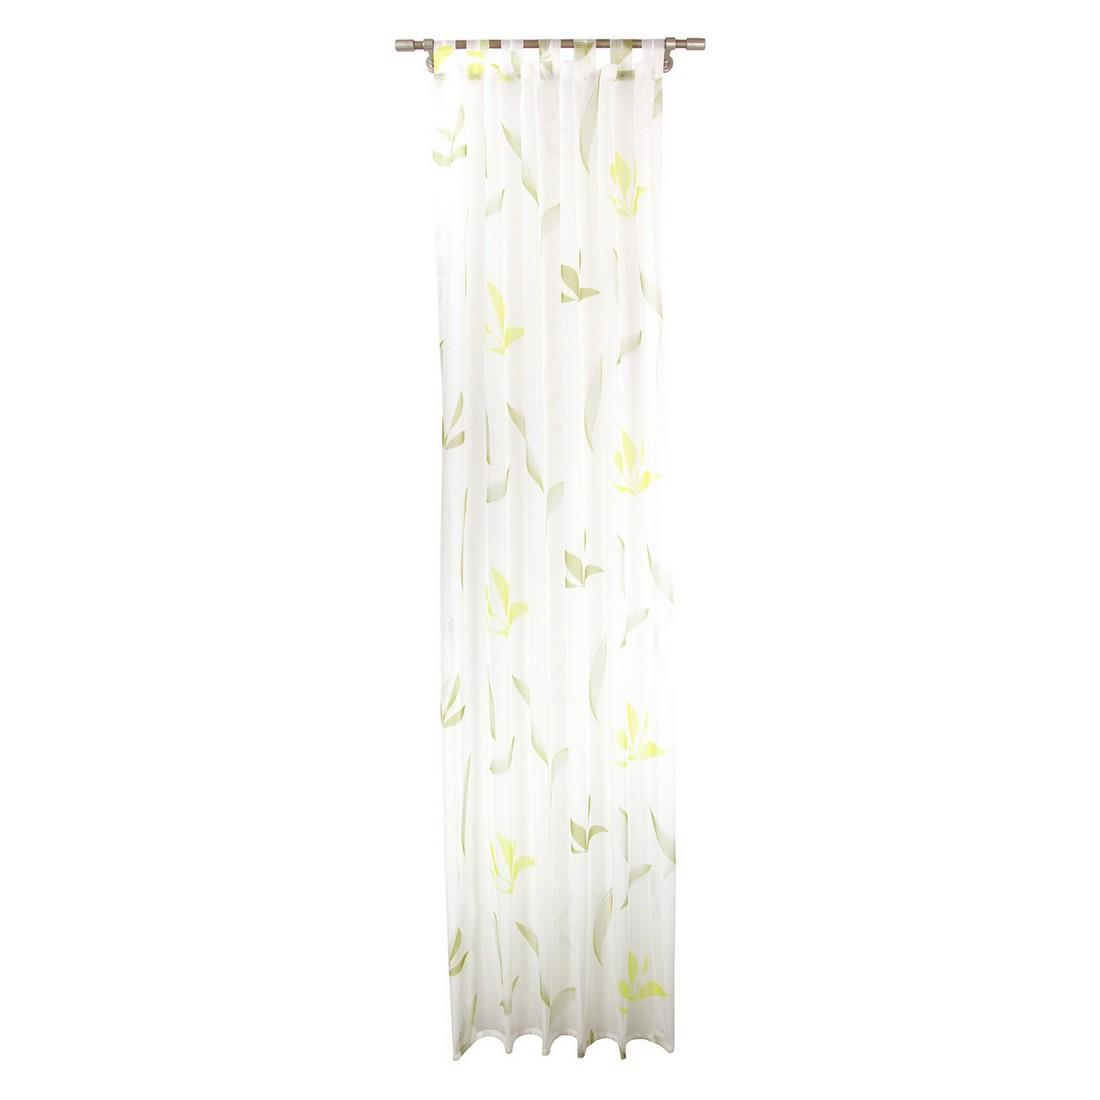 Gardine Moderne – Transparent – Grün – Mit Schlaufen, MiBiento Living günstig bestellen